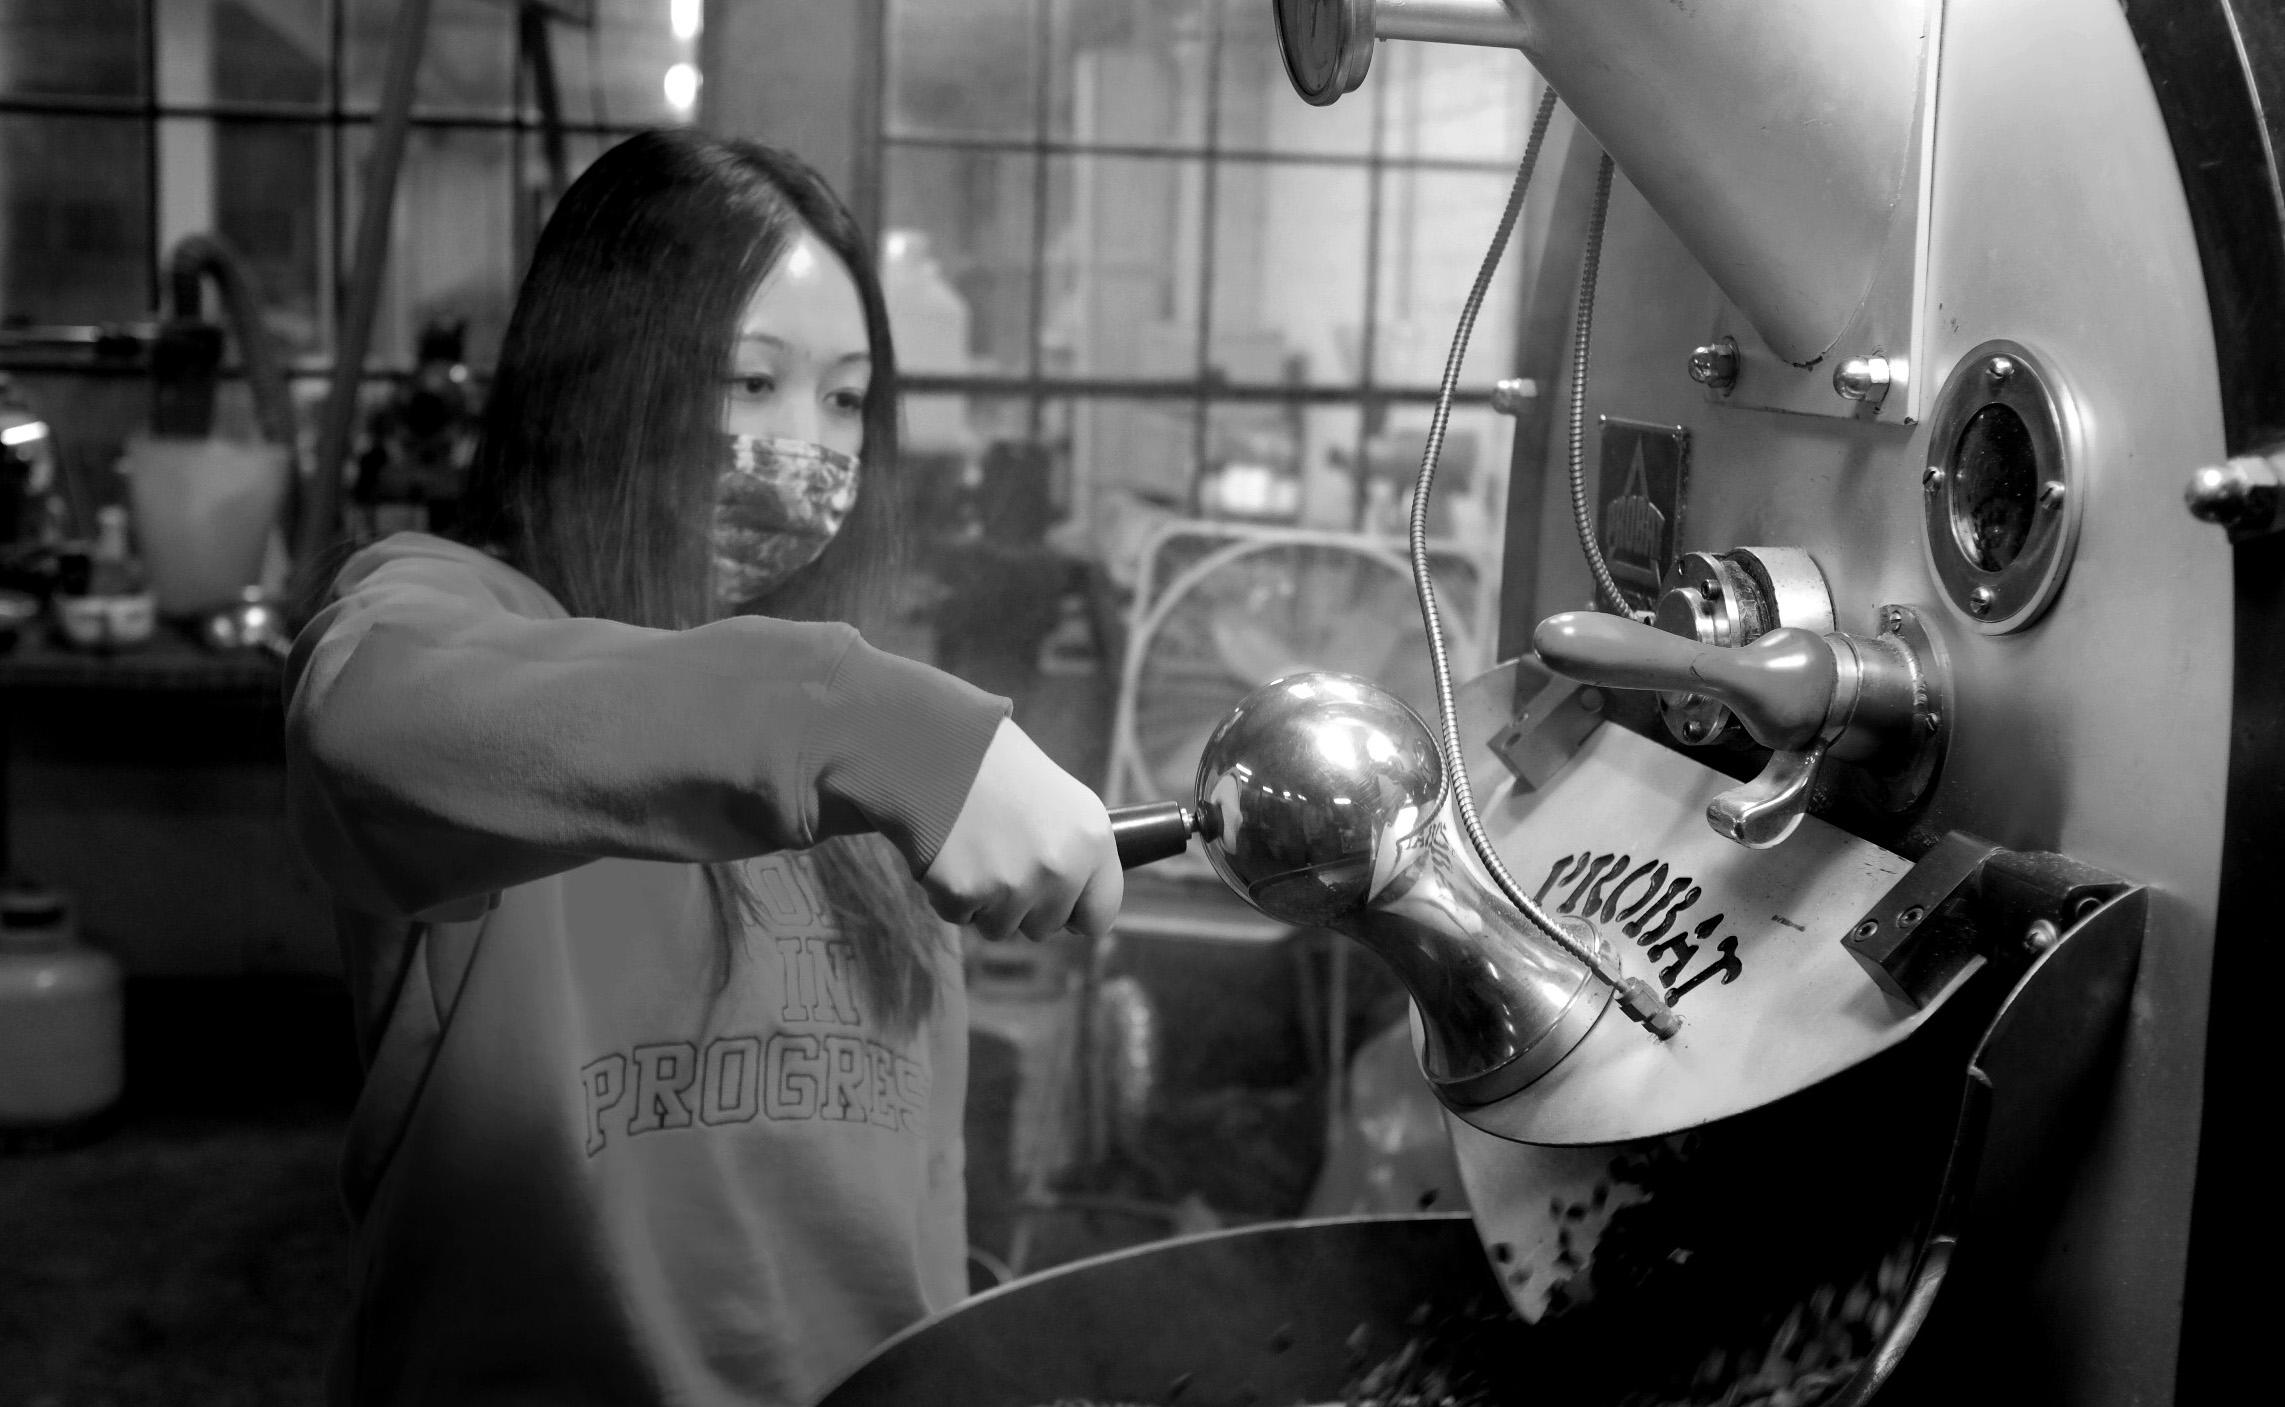 波特蘭 Cà Phê 烘焙機